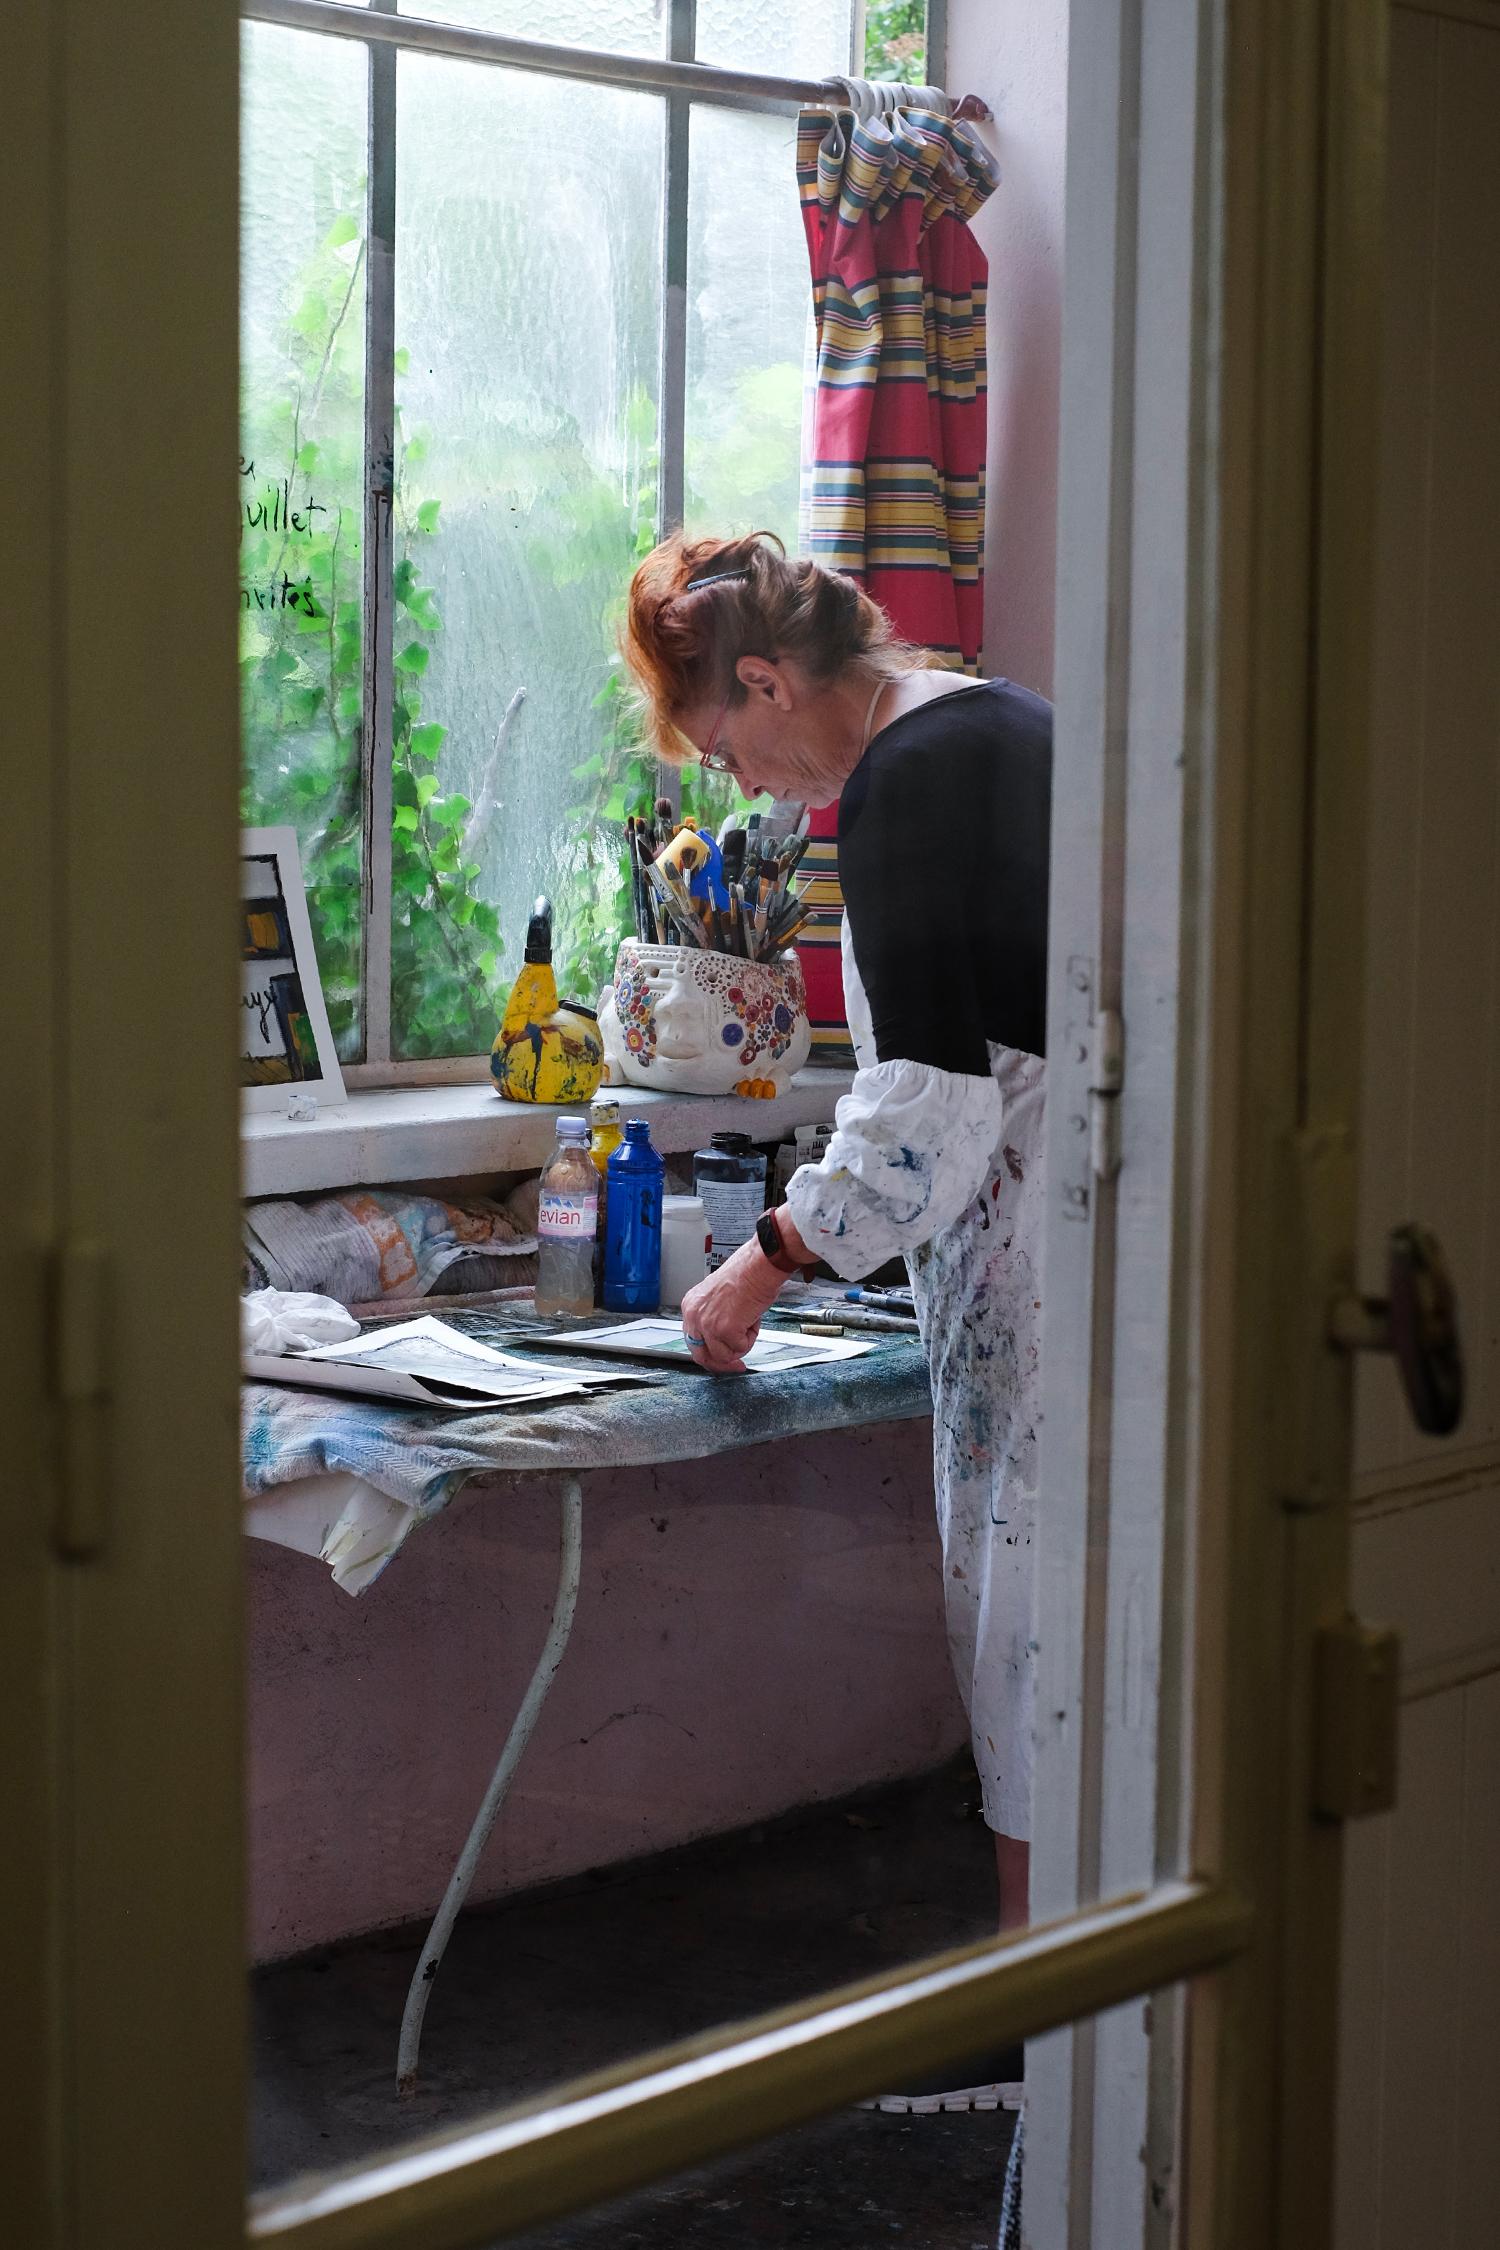 woman in an art workshop